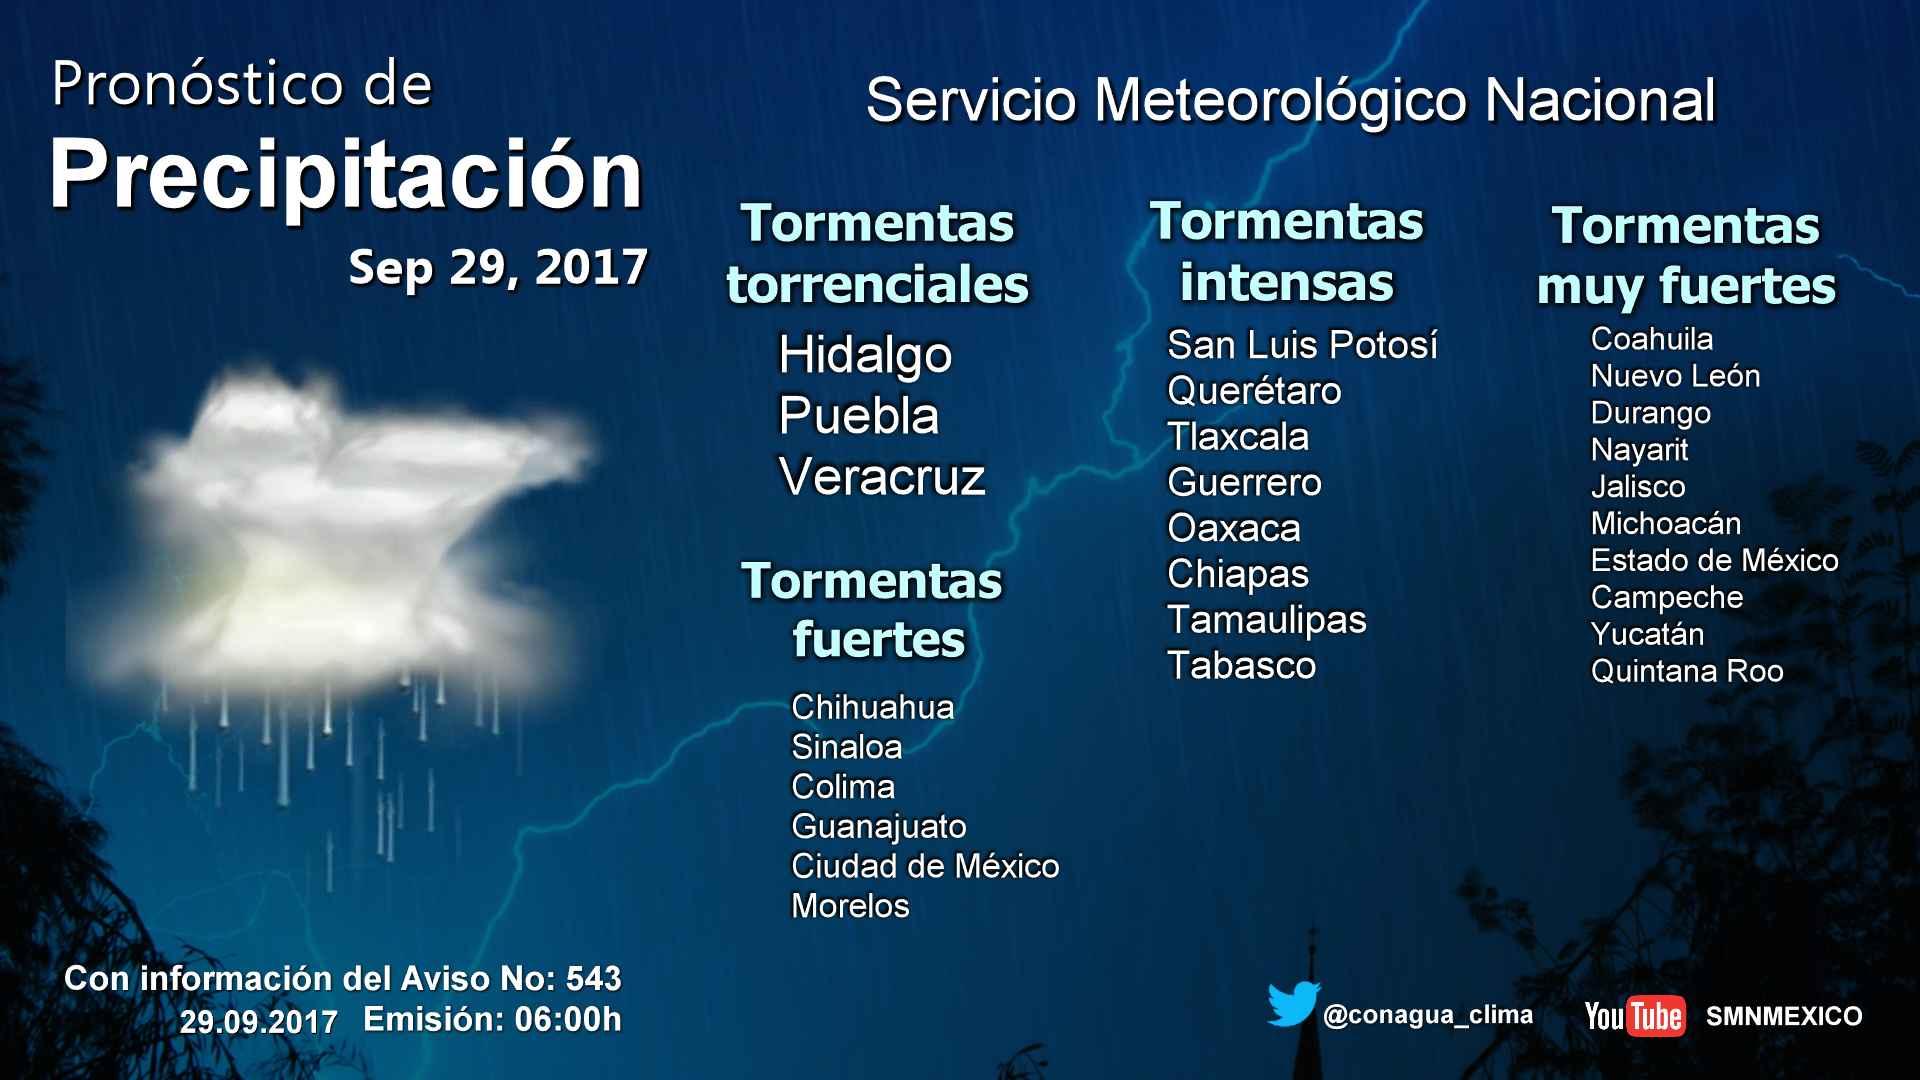 Se prevén tormentas intensas para Tlaxcala